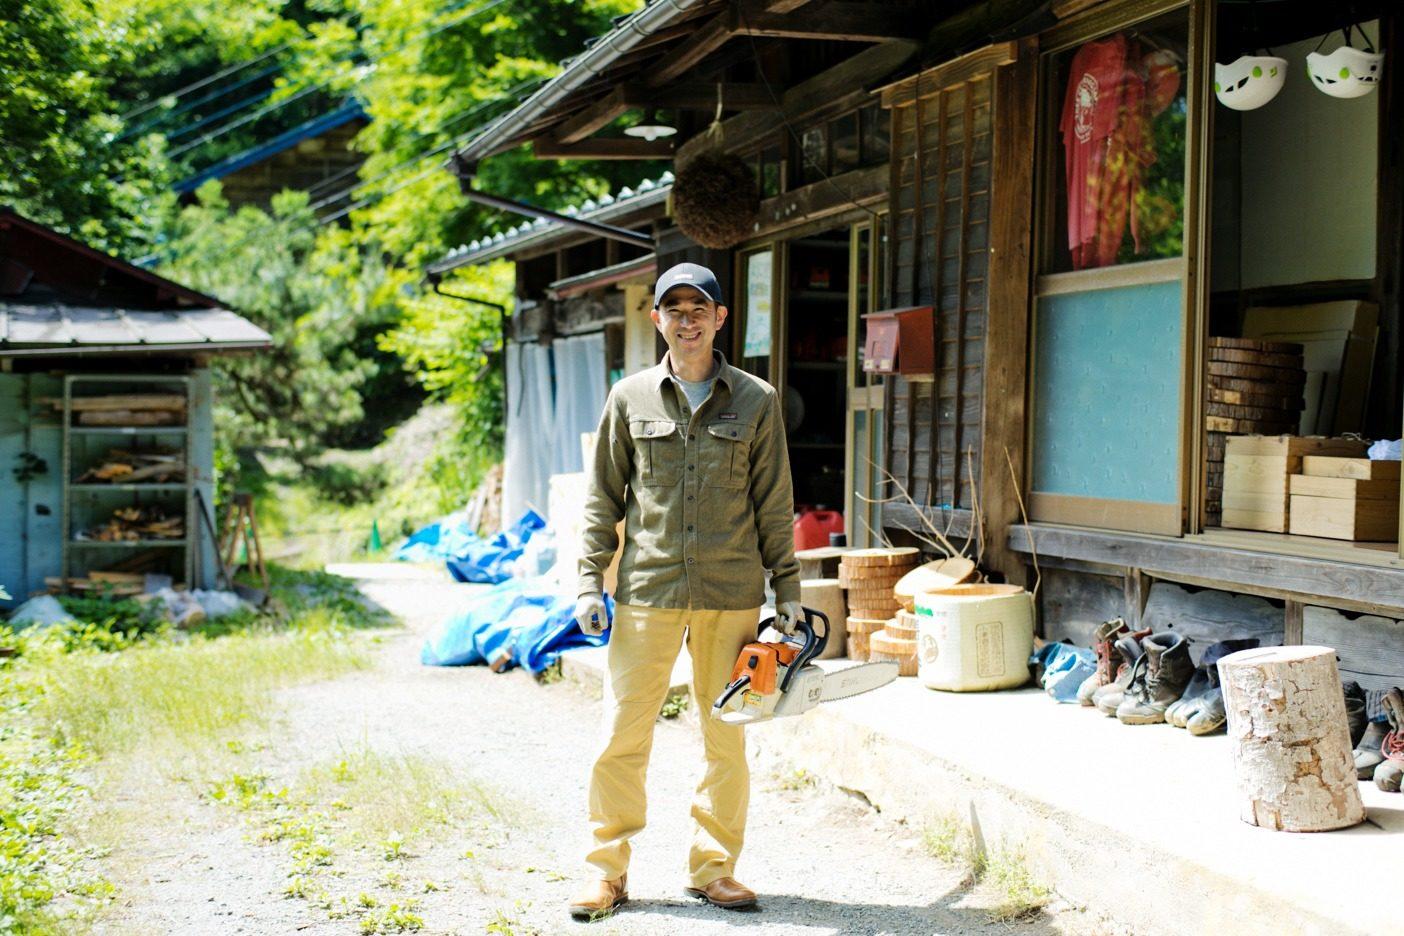 理想の林業を掲げて活動する、「東京チェンソーズ」代表の青木さん。写真:五十嵐 一晴